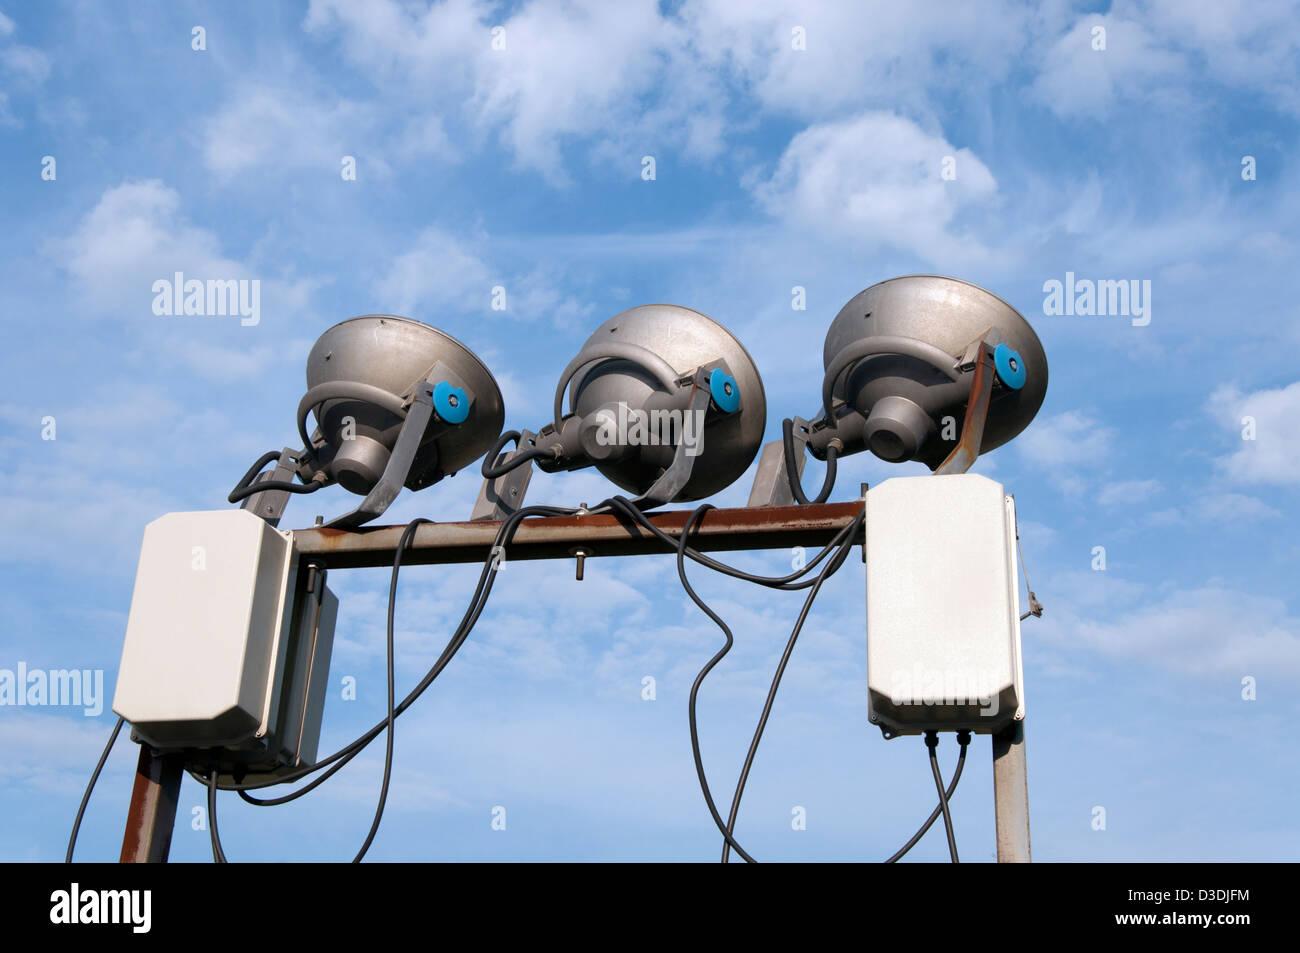 Drei Beleuchtung Lampen auf blauen Himmel mit weißen Wolken Stockbild